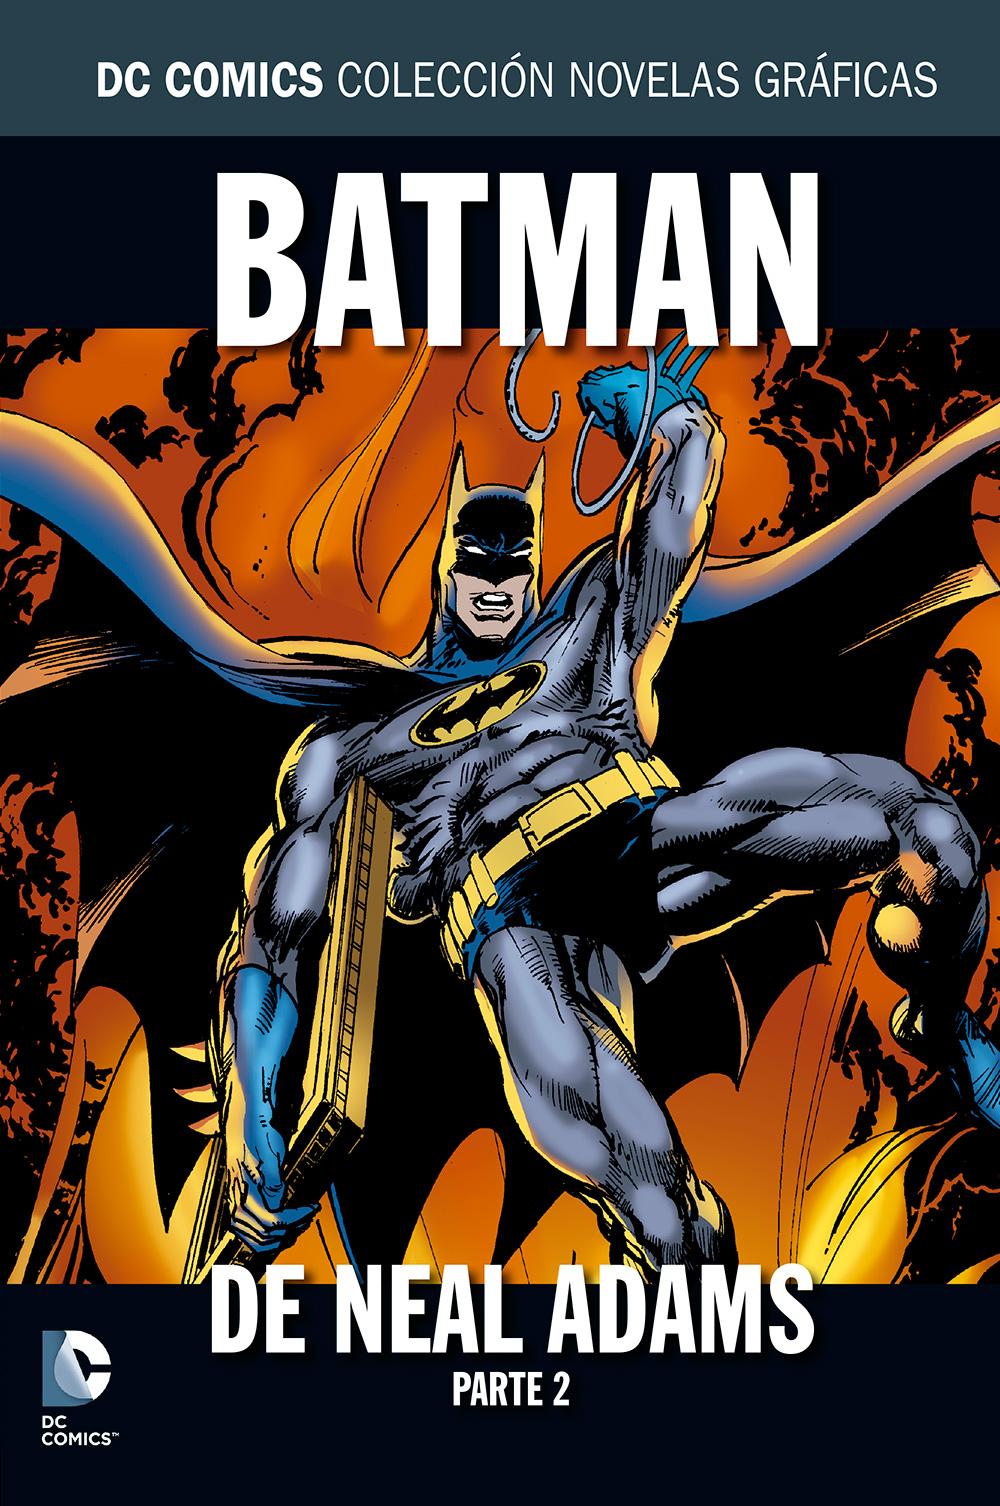 [DC - Salvat] La Colección de Novelas Gráficas de DC Comics  - Página 34 Batman_Adams_2